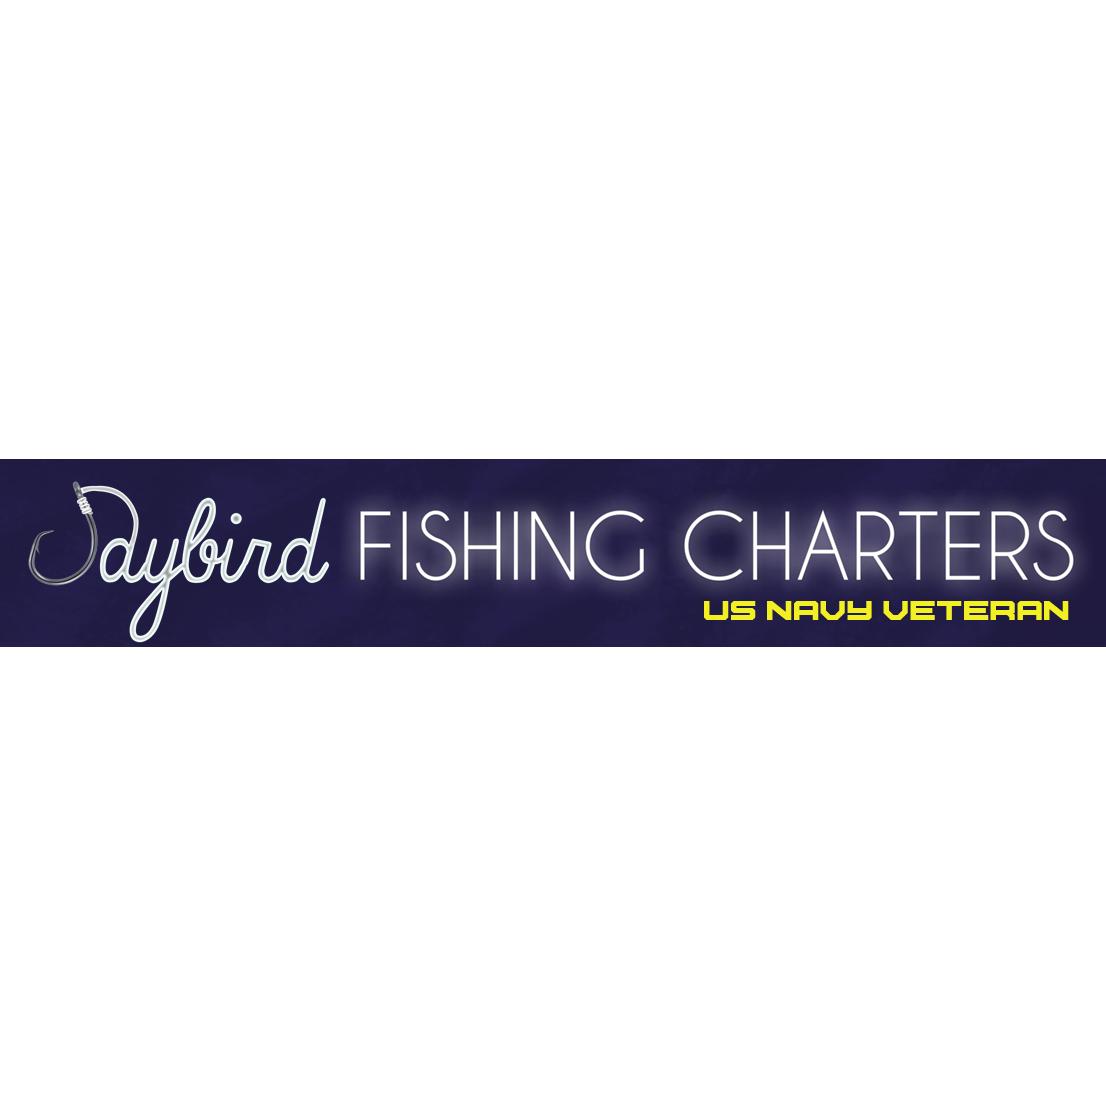 Jaybird Fishing Charters